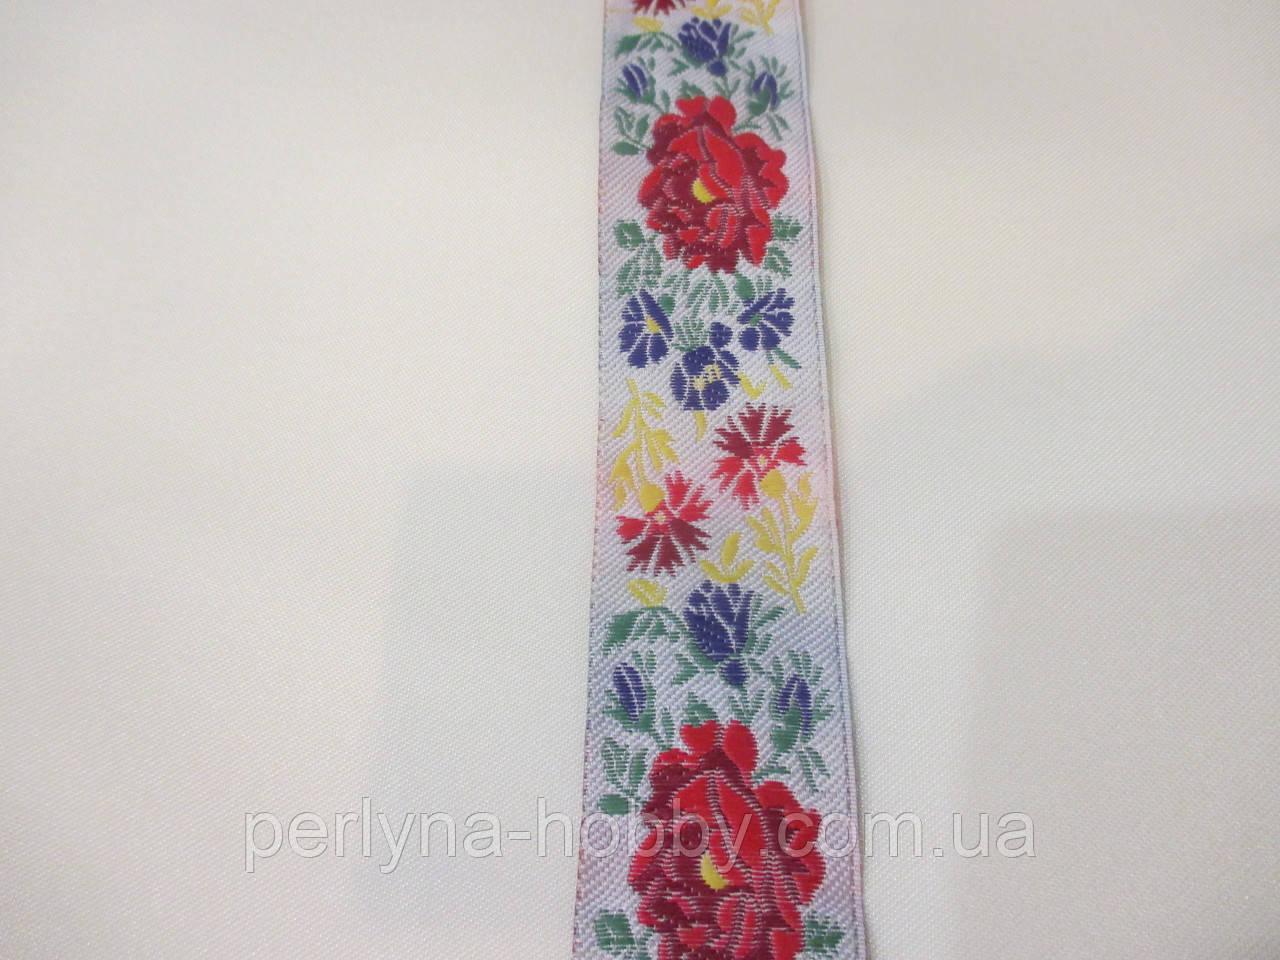 Тасьма декоративна з орнаментом жакардова Квіти 3 див.